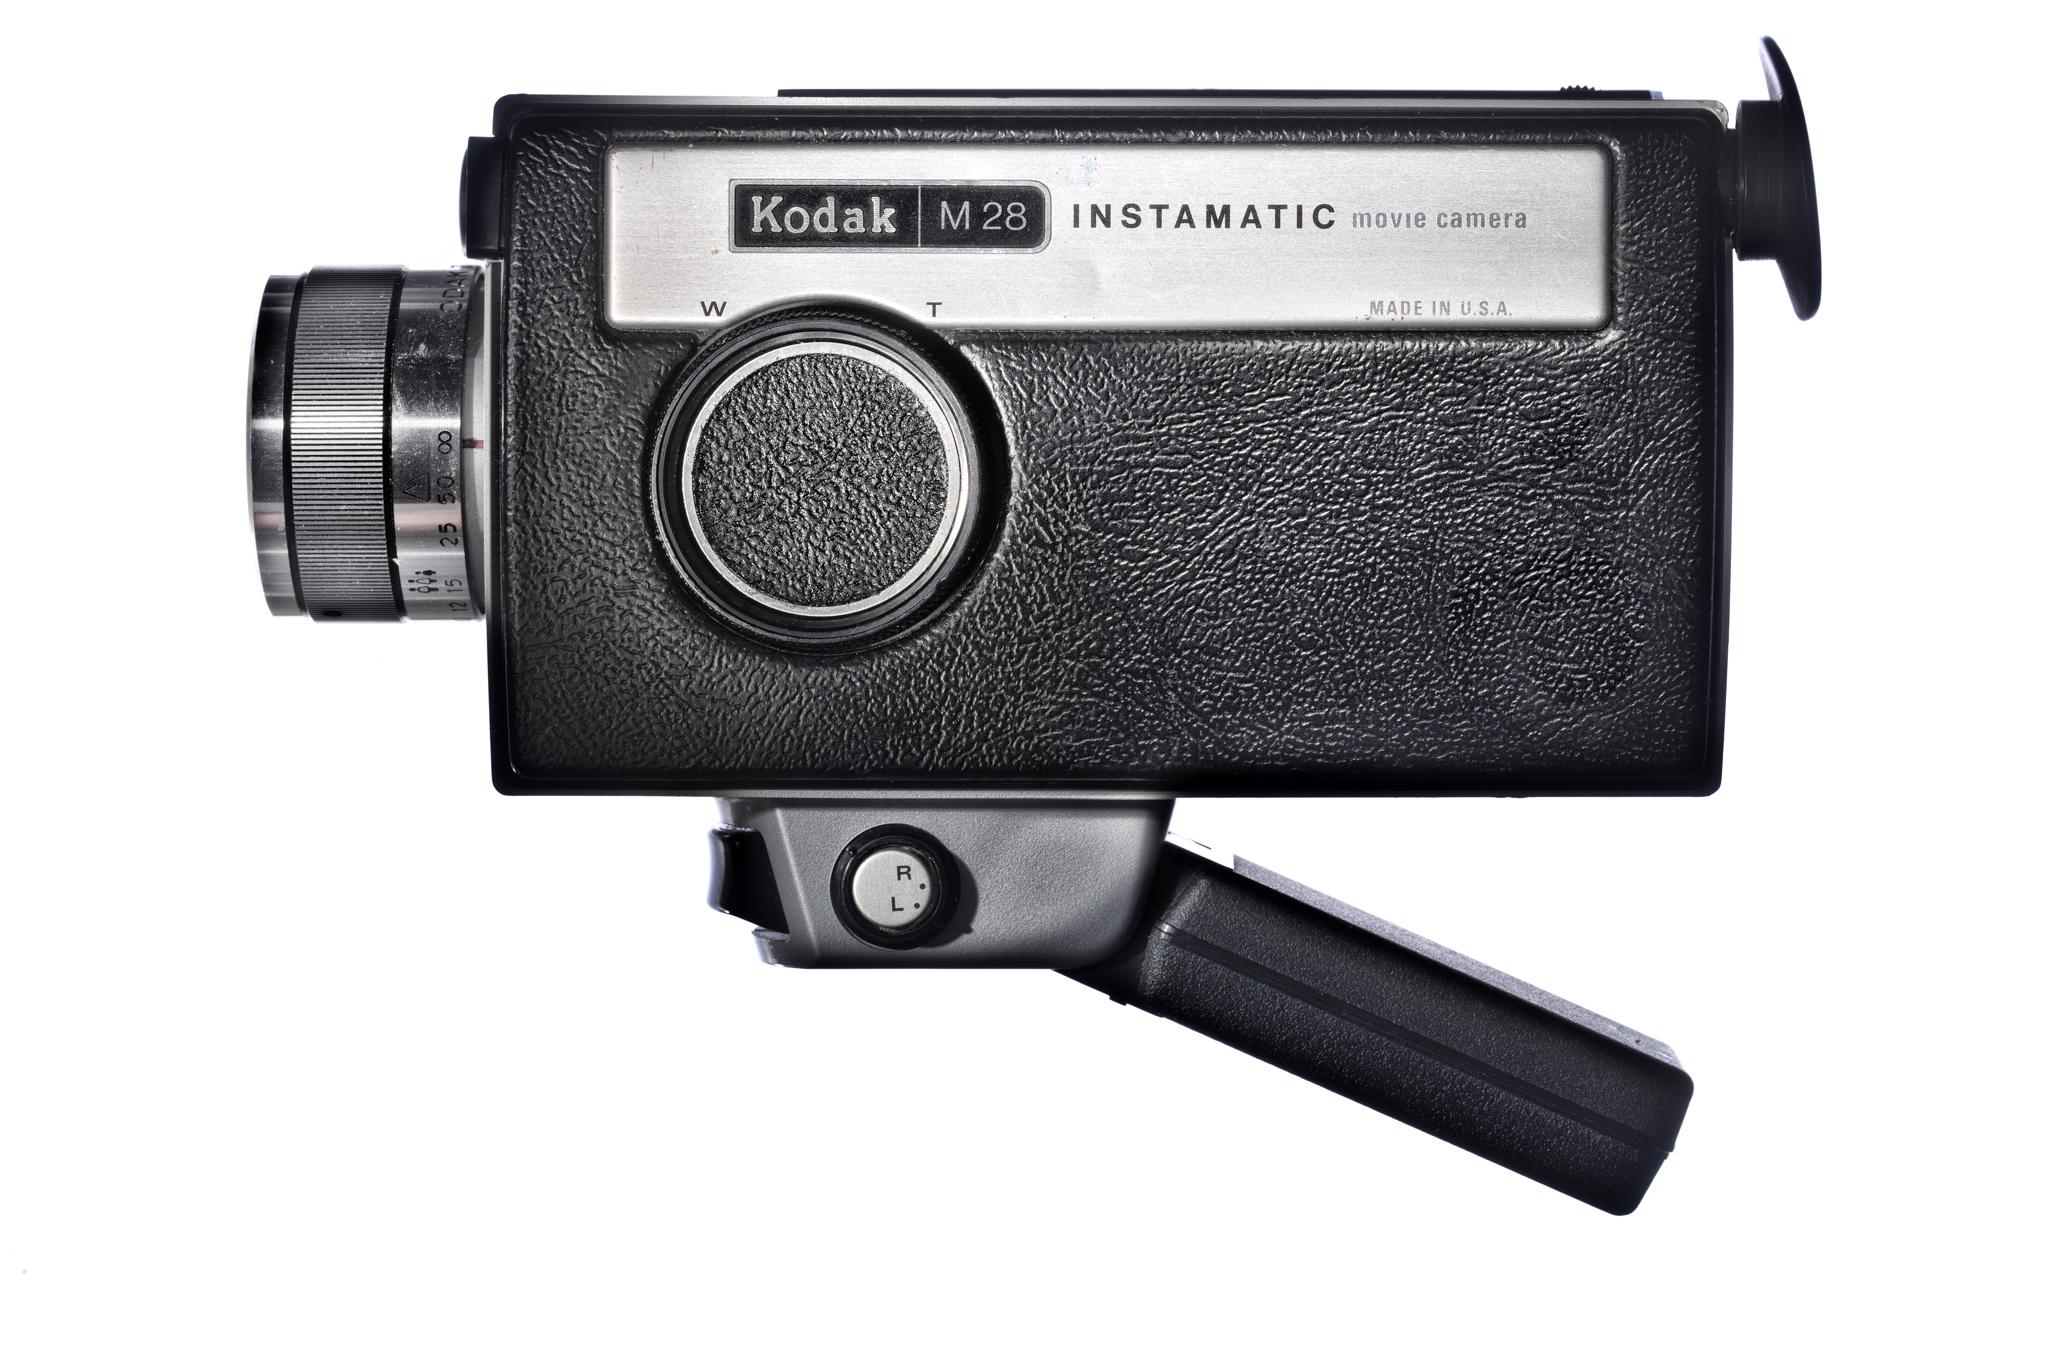 2018_01_08 Kodak M28 001 final 2048.jpg